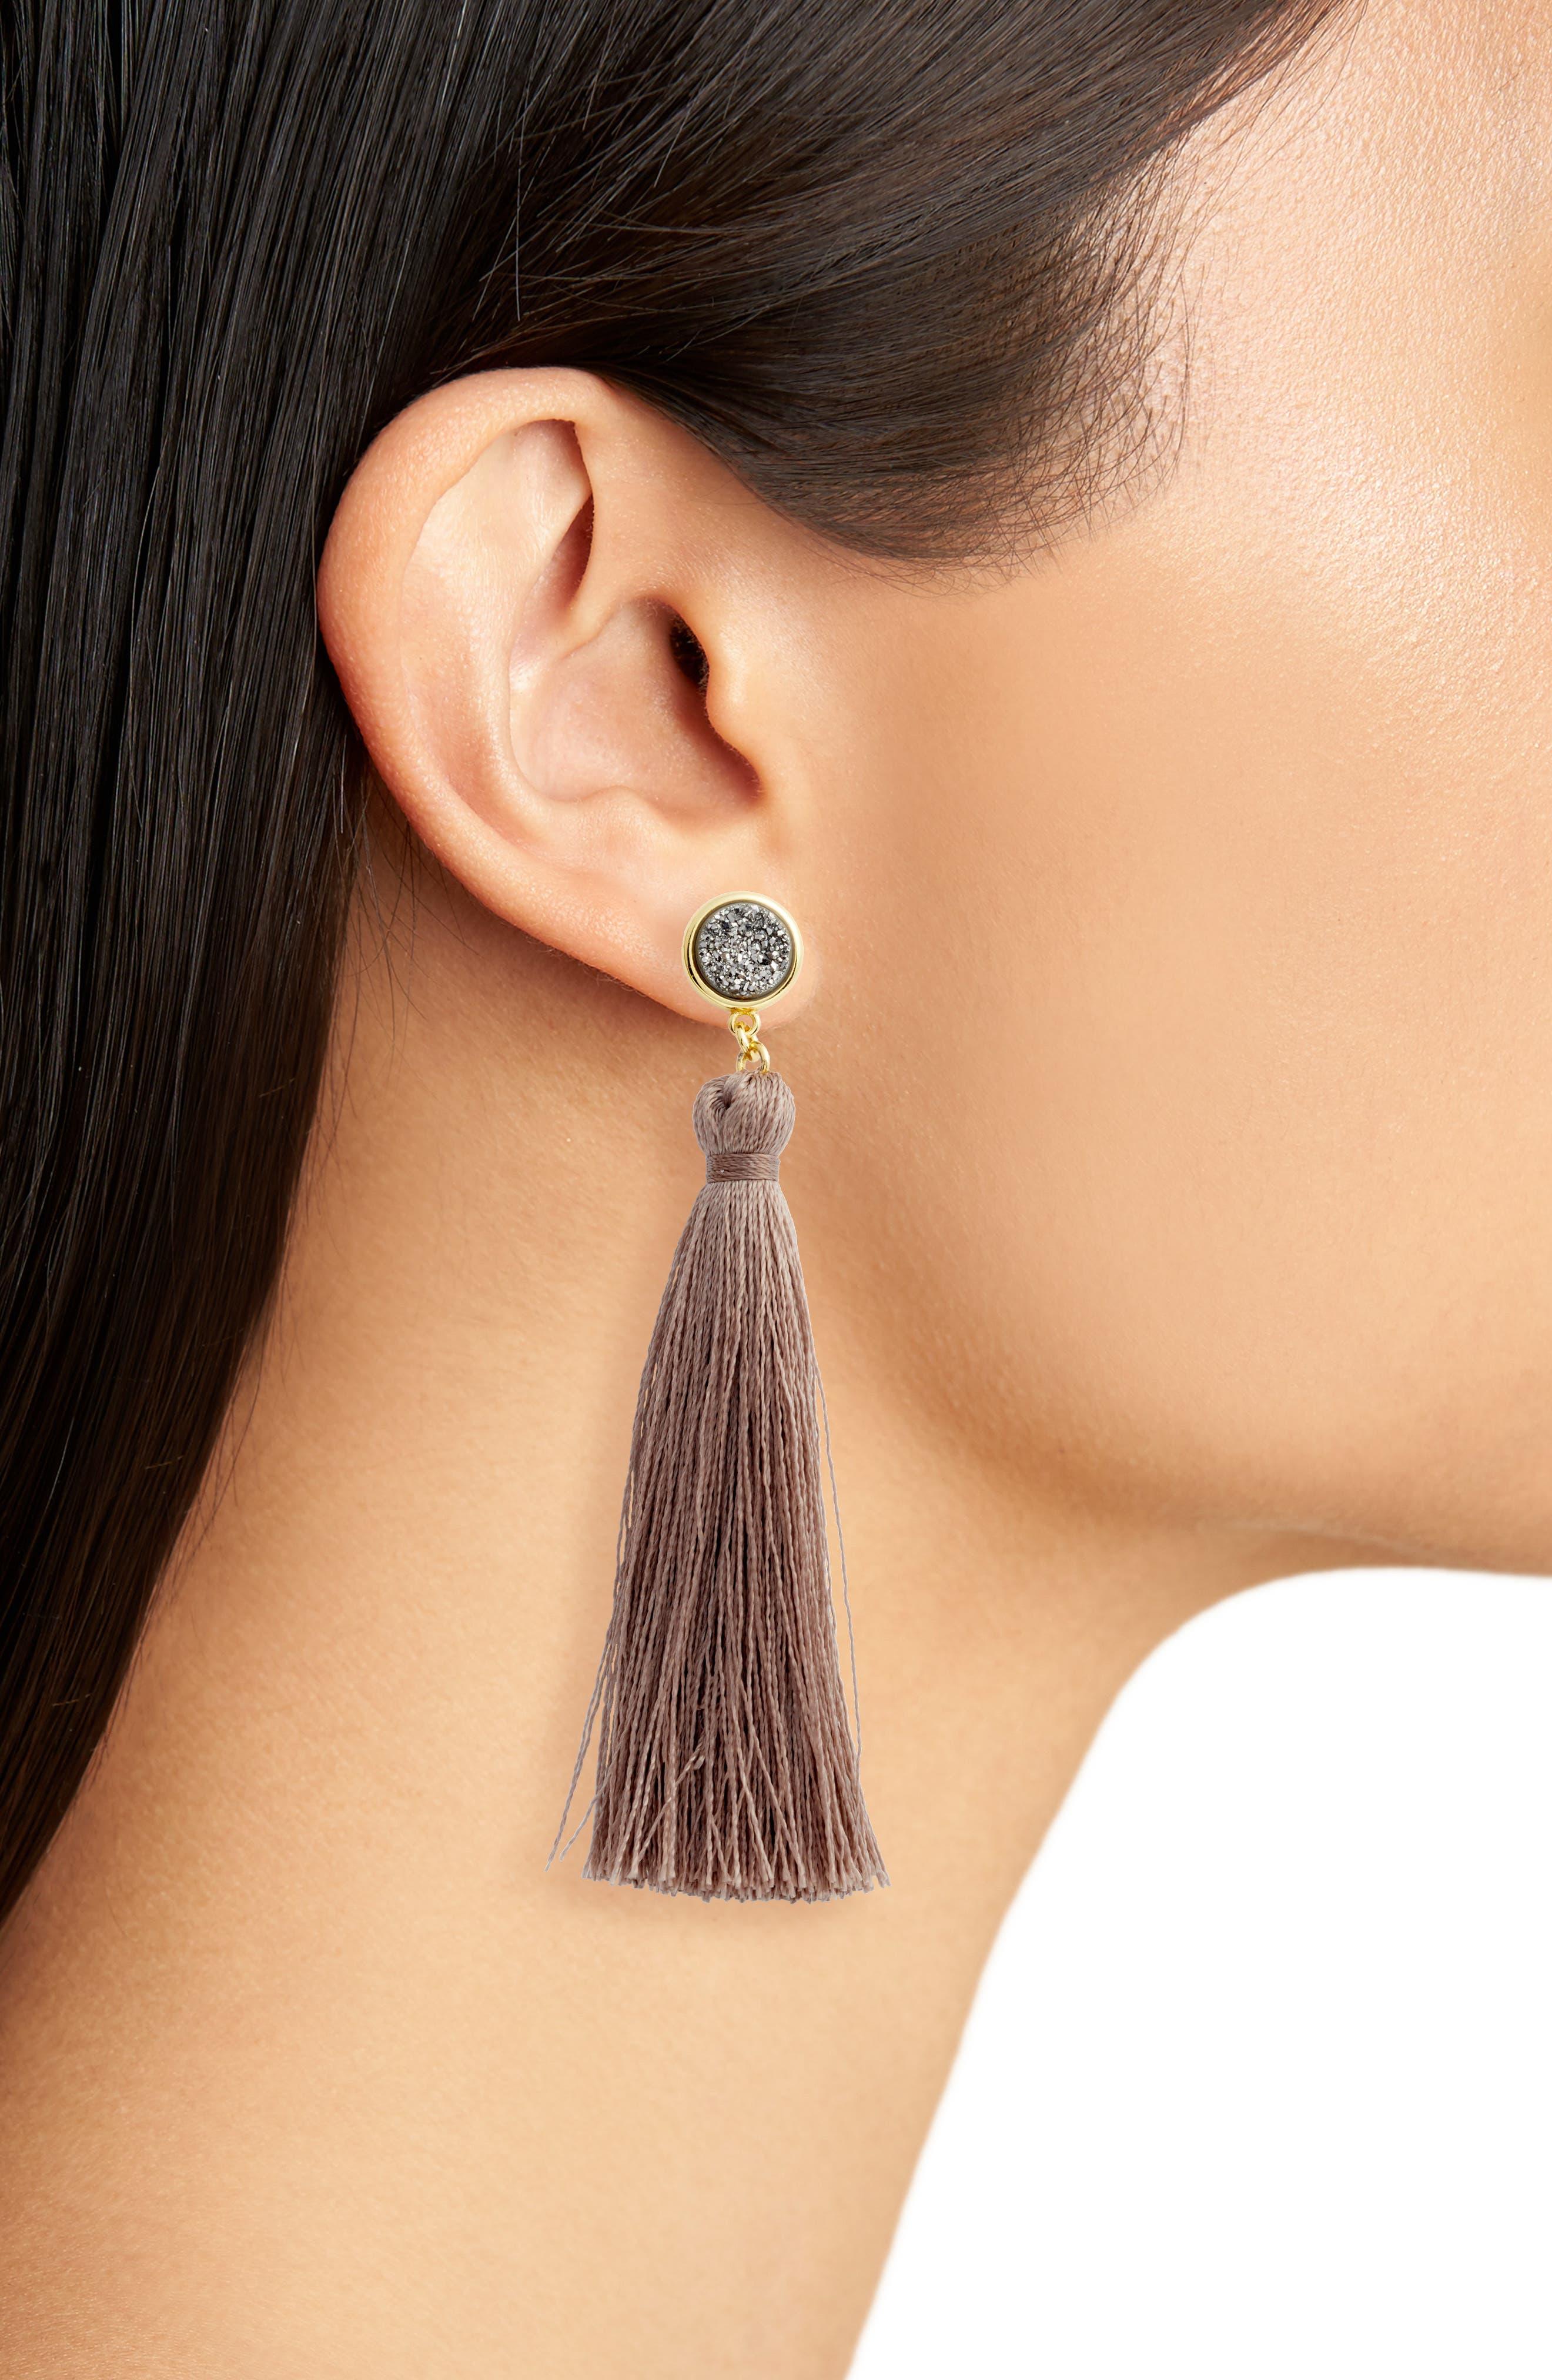 Astoria Tassel Earrings,                             Alternate thumbnail 2, color,                             710